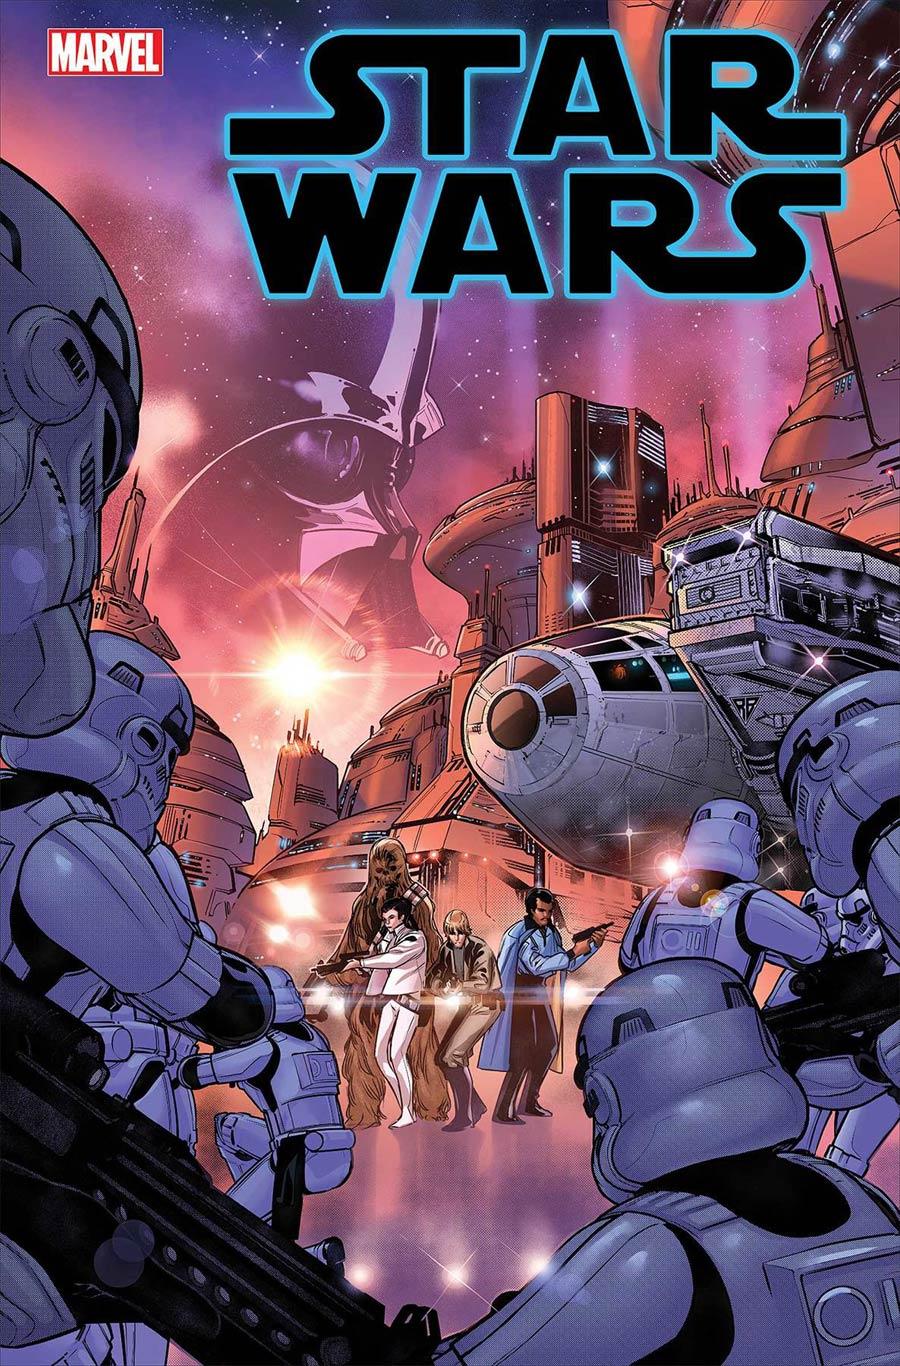 Star Wars Vol 5 #3 Cover A Regular RB Silva Cover